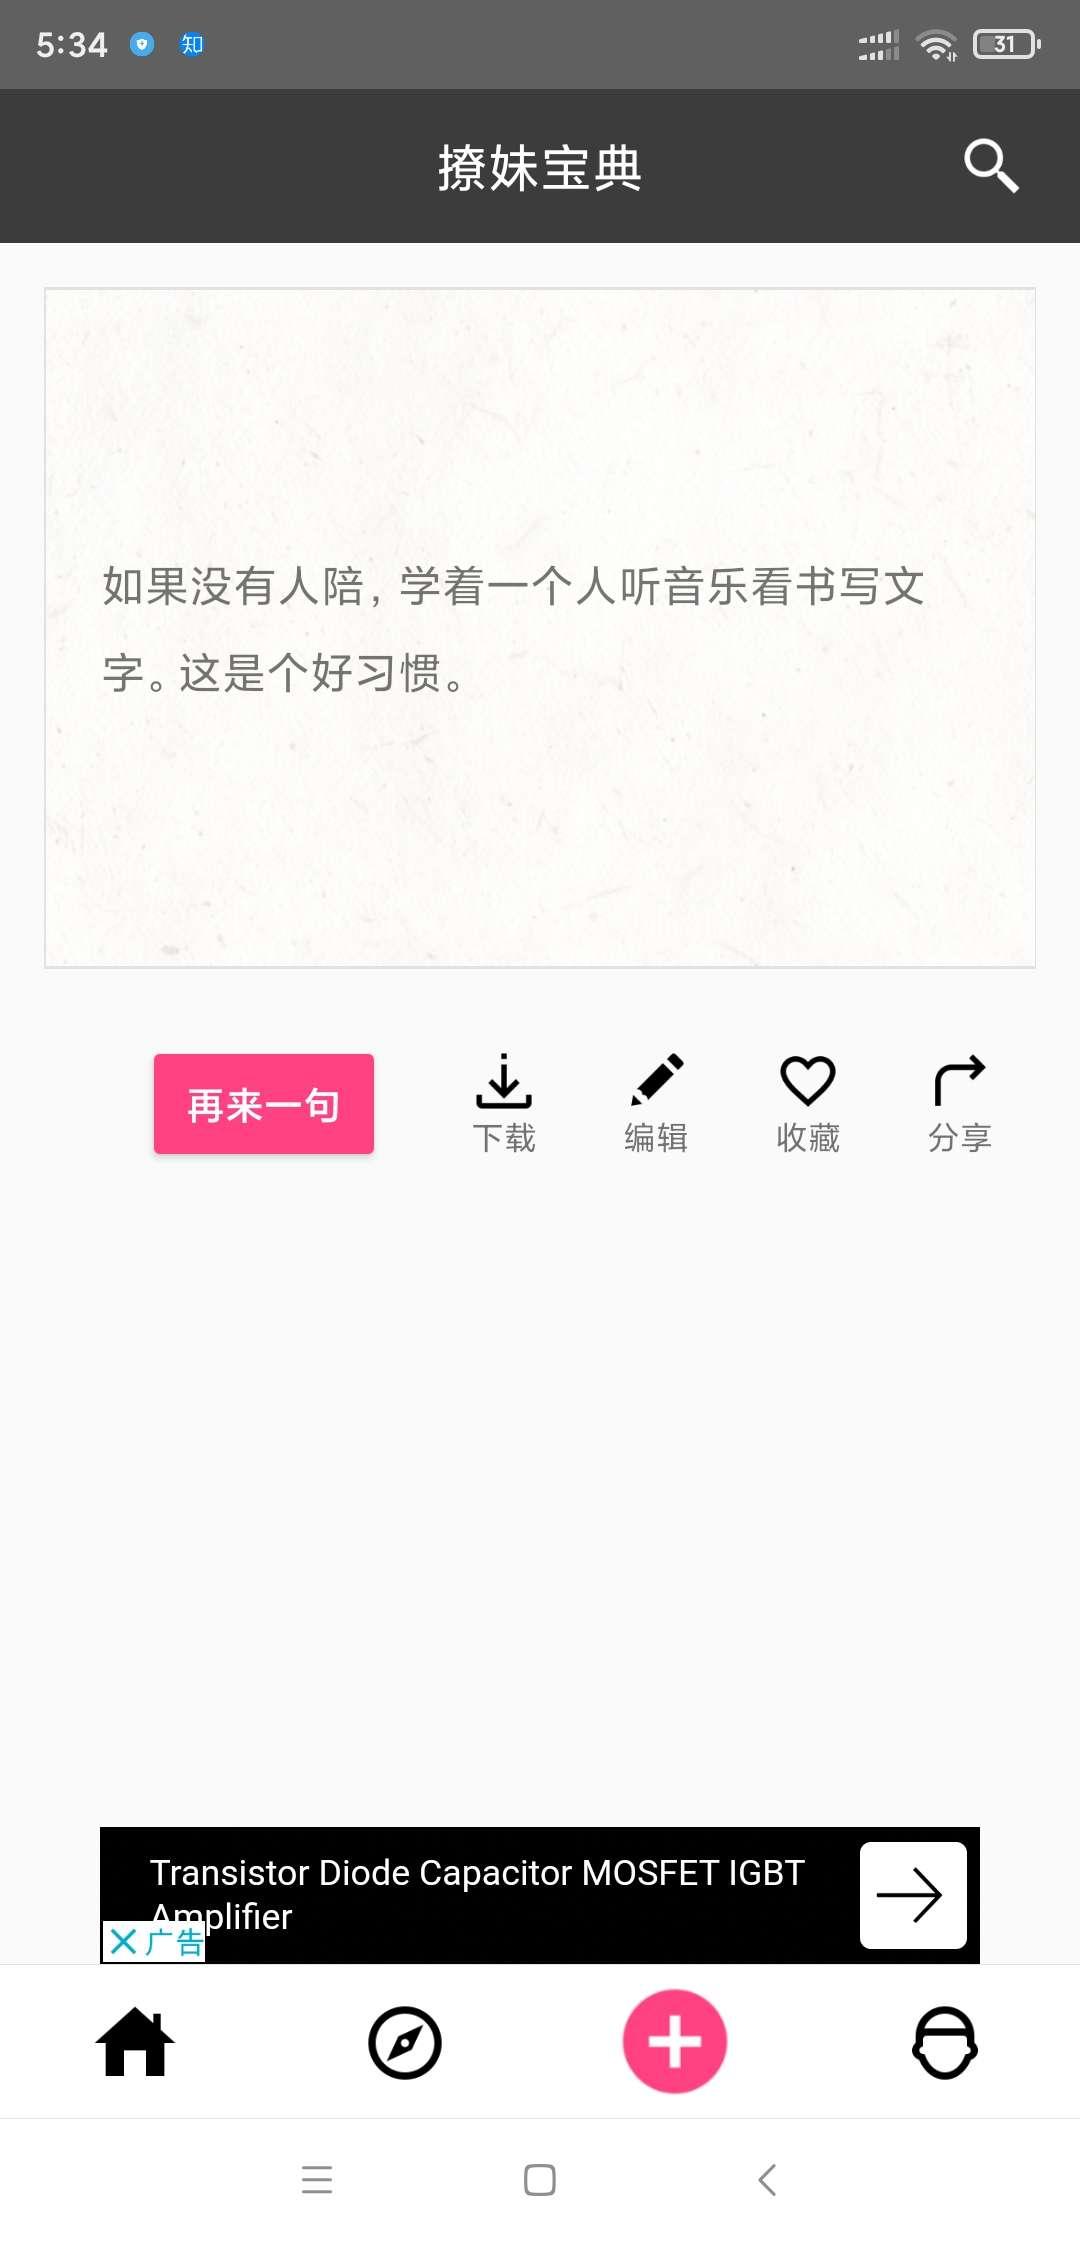 【分享】撩妹宝典直男专用秘籍